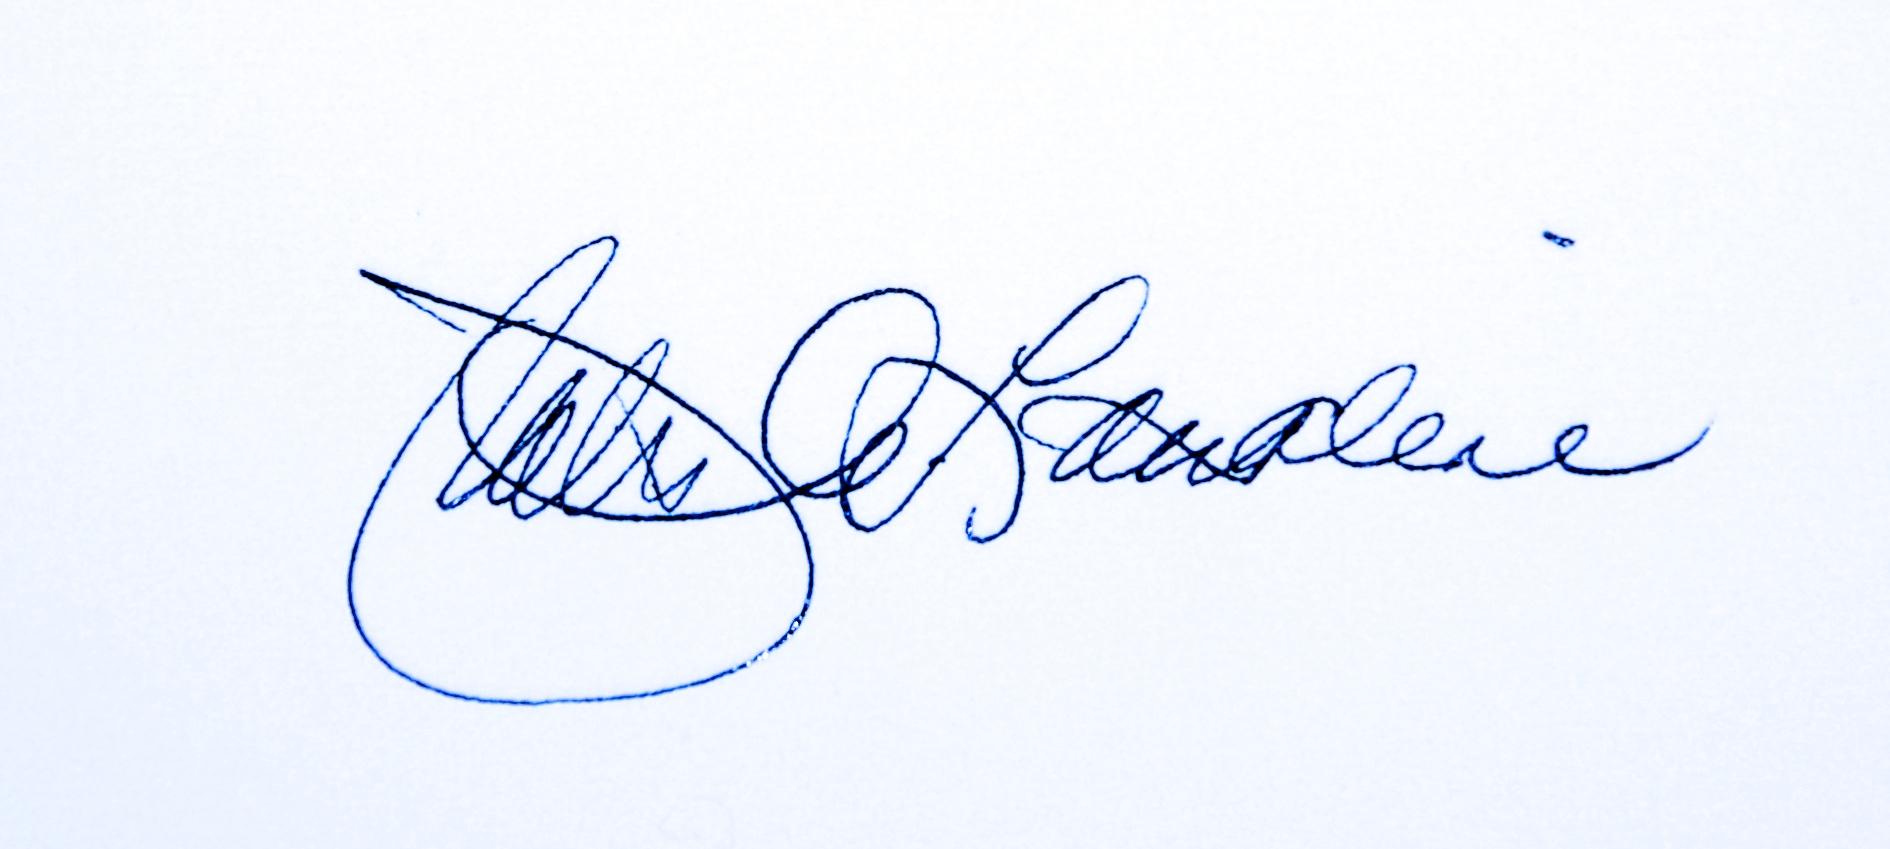 Patricia Lassaline's Signature